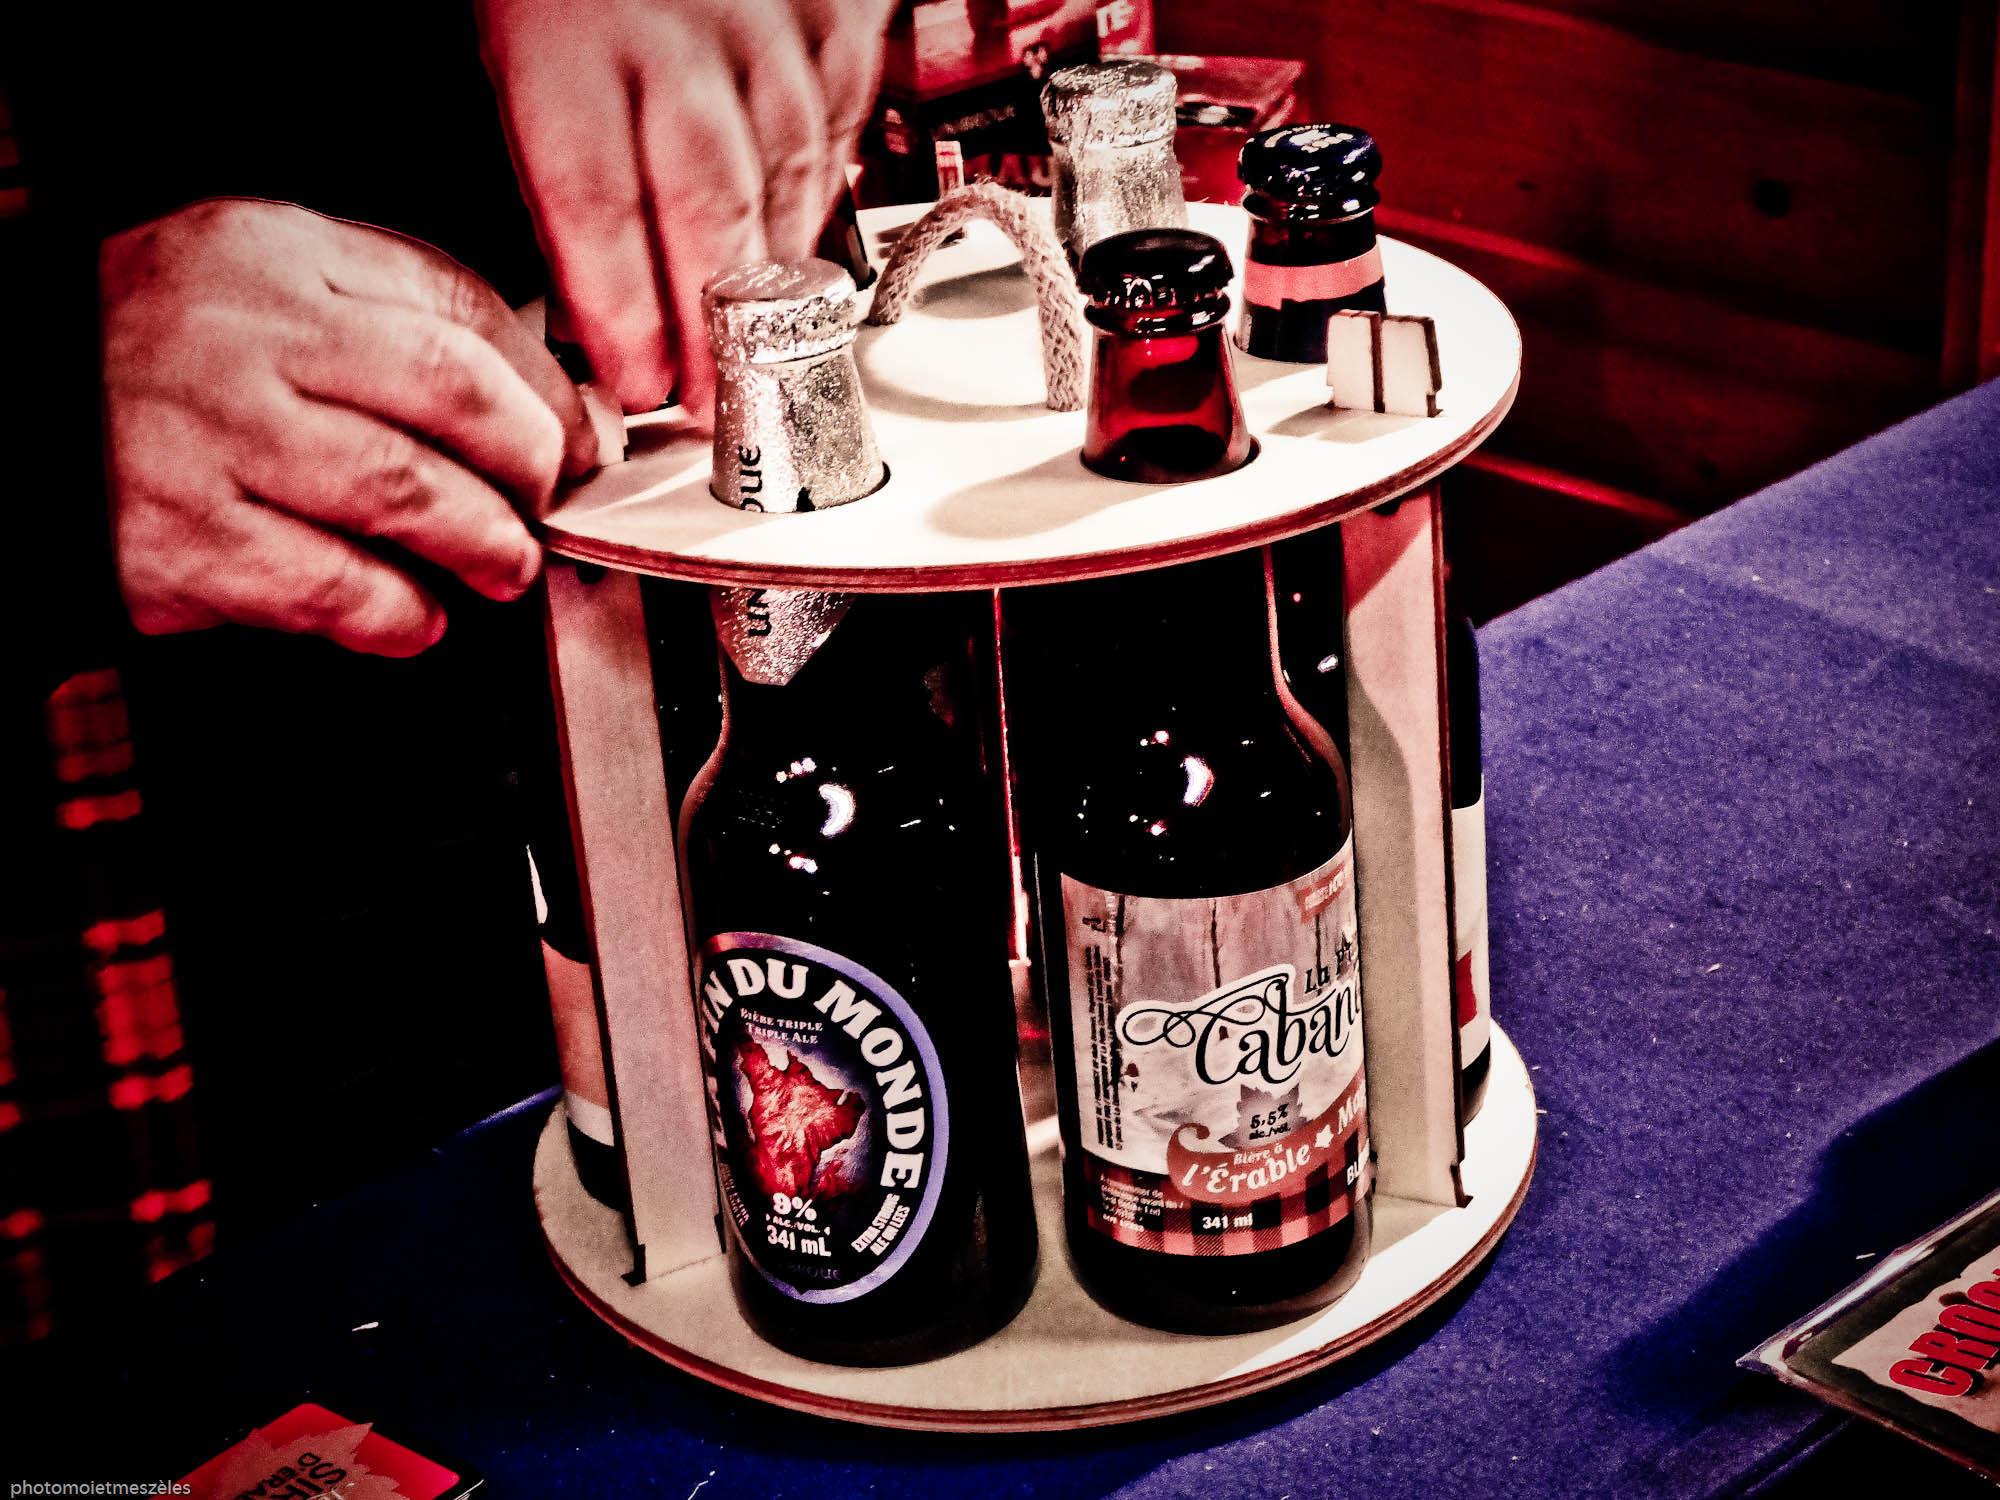 Découverte bières exposition Canada Le Havre